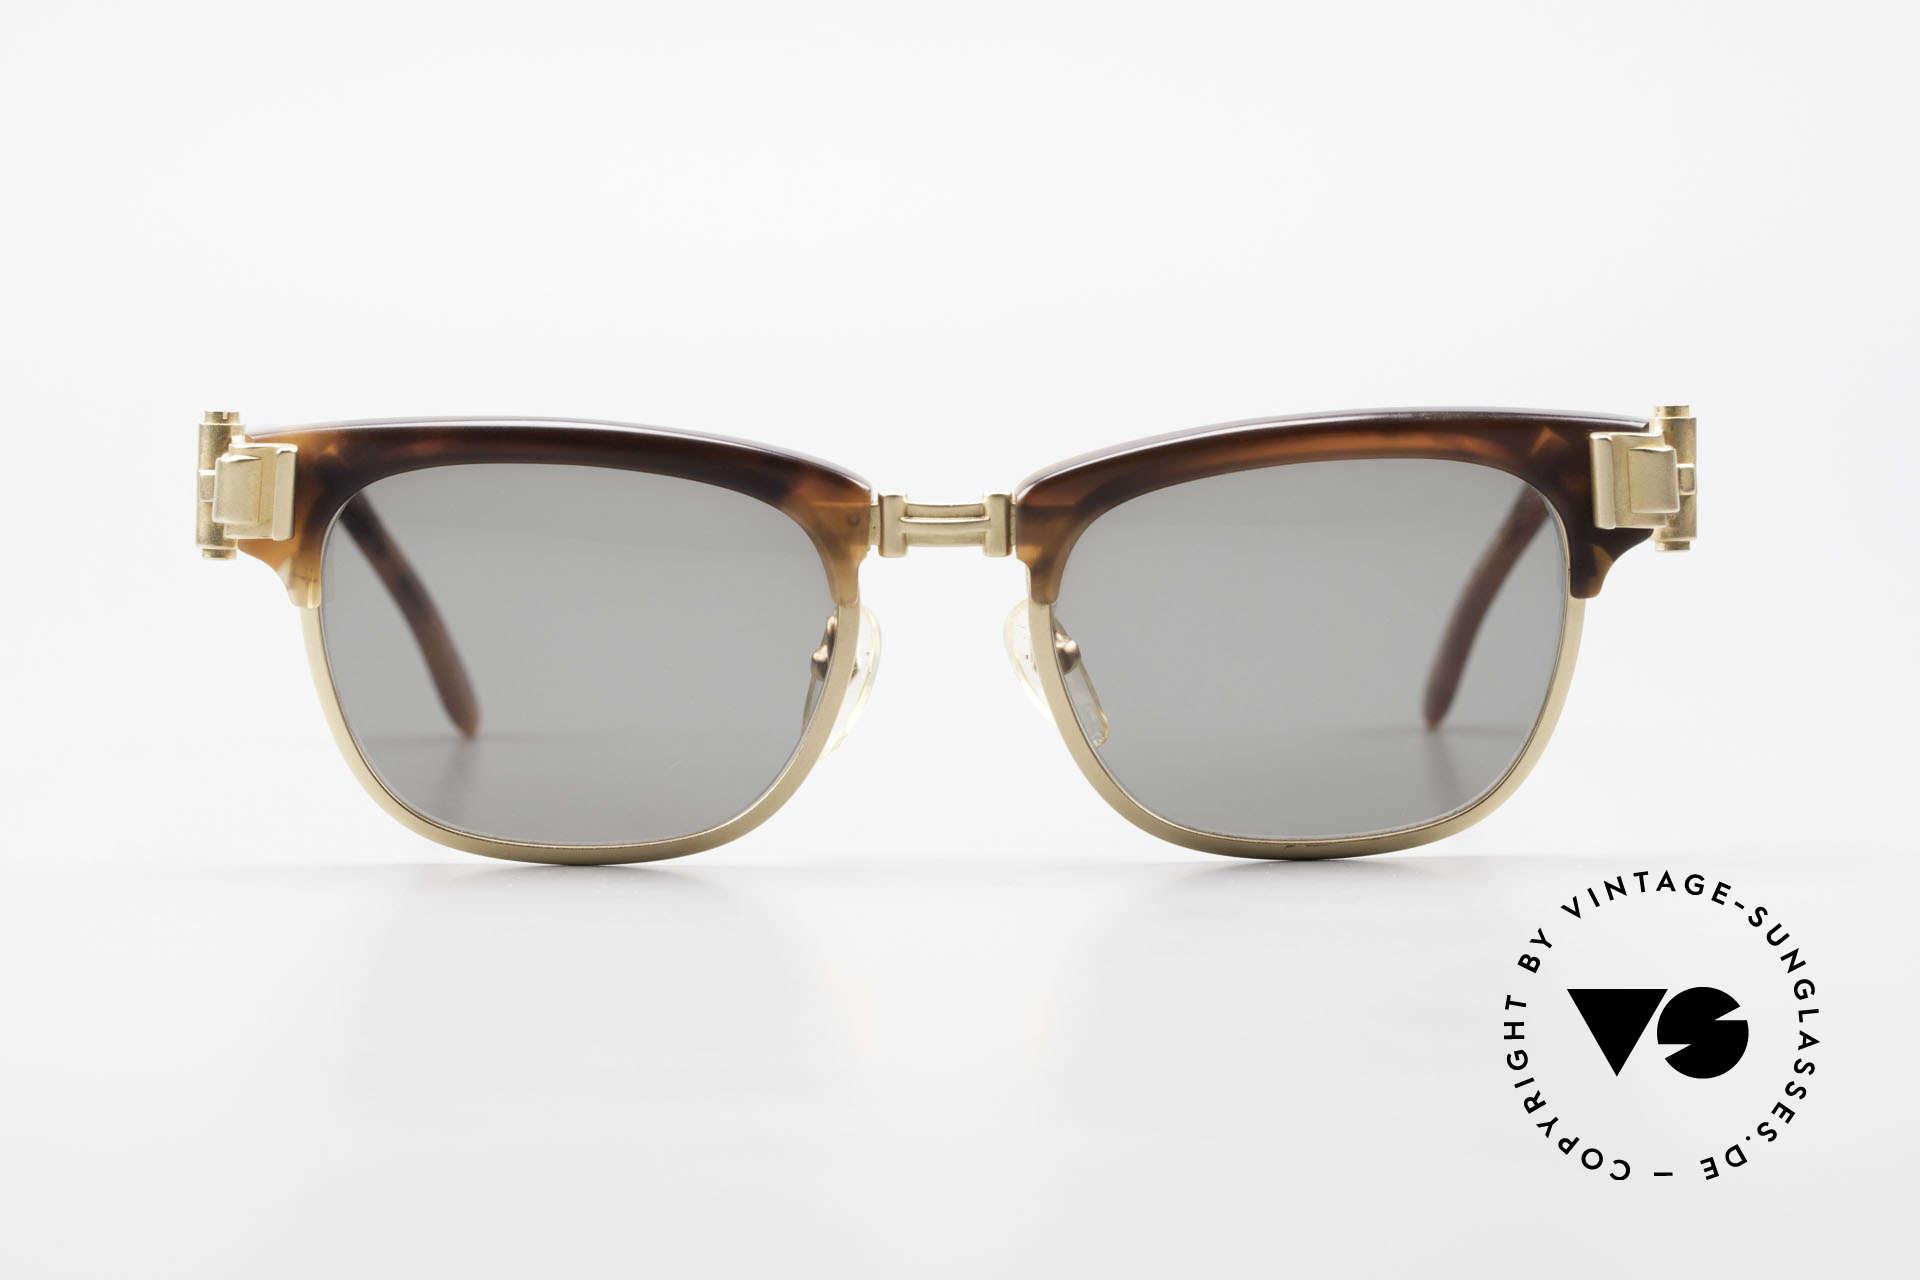 Jean Paul Gaultier 56-5202 JPG Designer Sonnenbrille, Bügelansätze in Form von massiven Türscharnieren, Passend für Herren und Damen